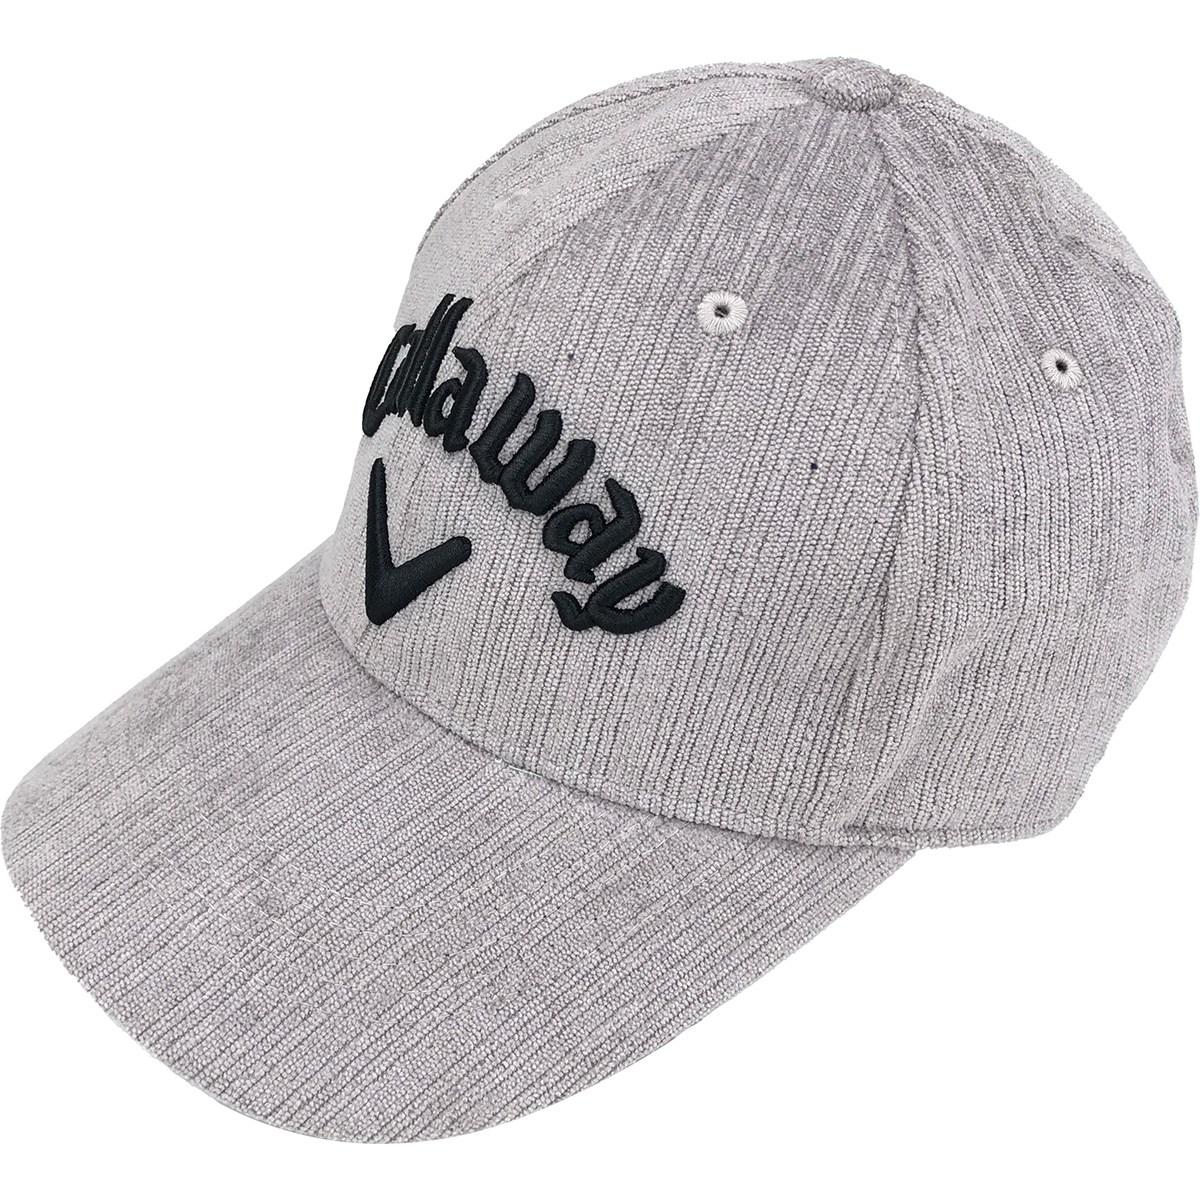 [2020年モデル] キャロウェイゴルフ Callaway Golf ジャガードフリースキャップ JM グレー 020 メンズ ゴルフウェア 帽子